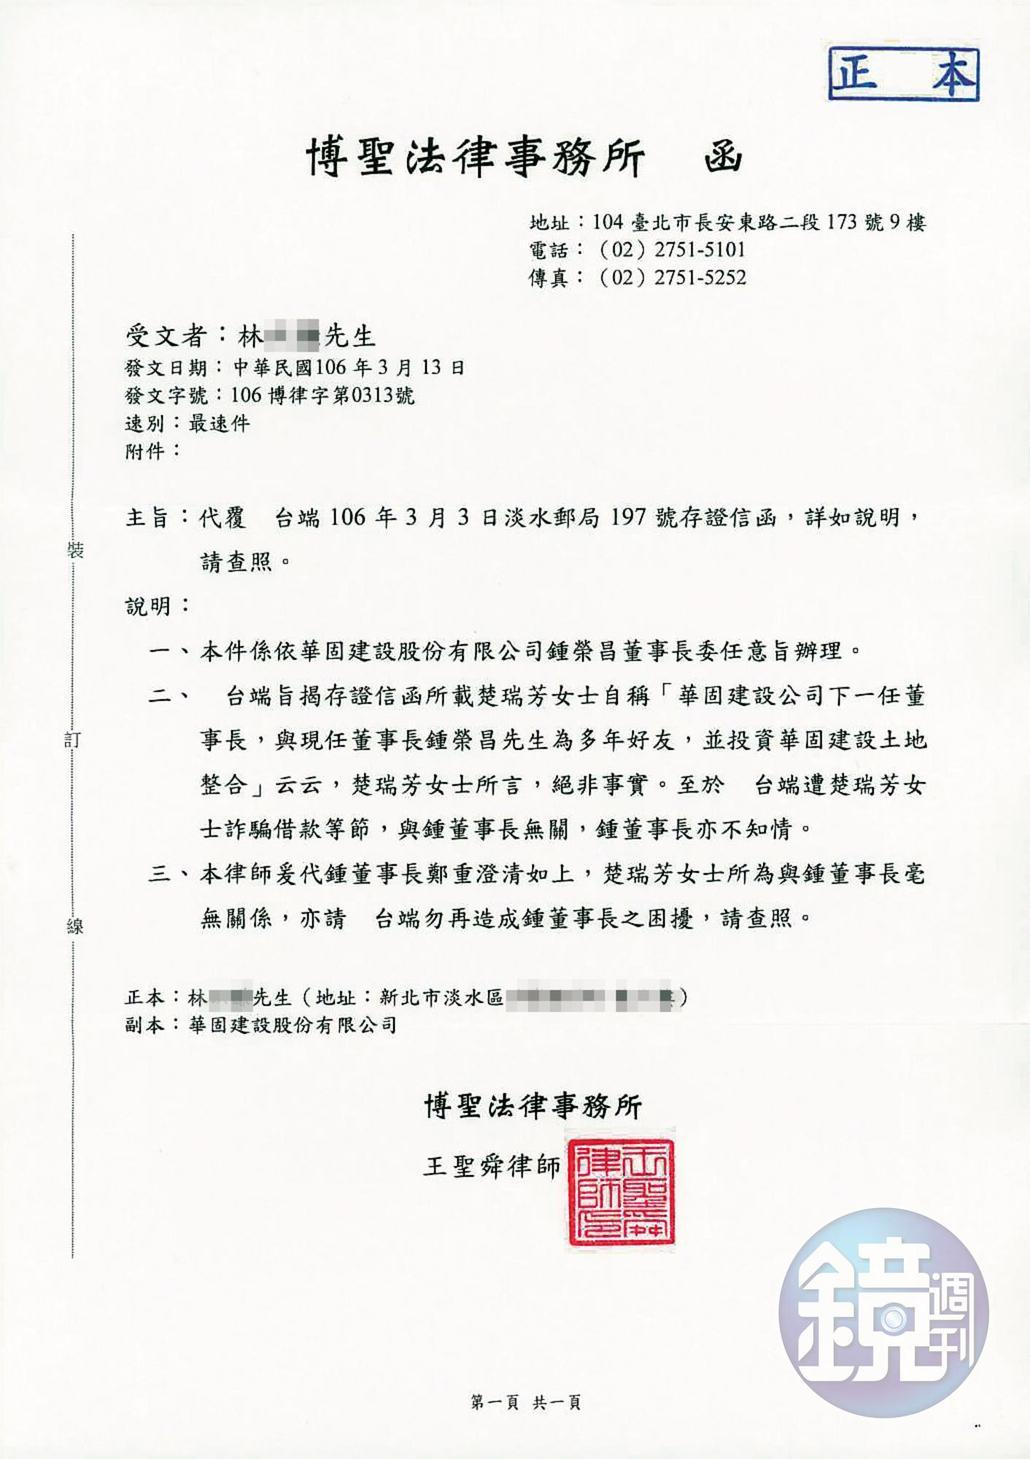 華固建設公司發出律師函向被害人澄清,董事長鍾榮昌與楚瑞芳完全不相識,亦無土地整合一事,也不知悉楚女藉此在外詐騙。(讀者提供)